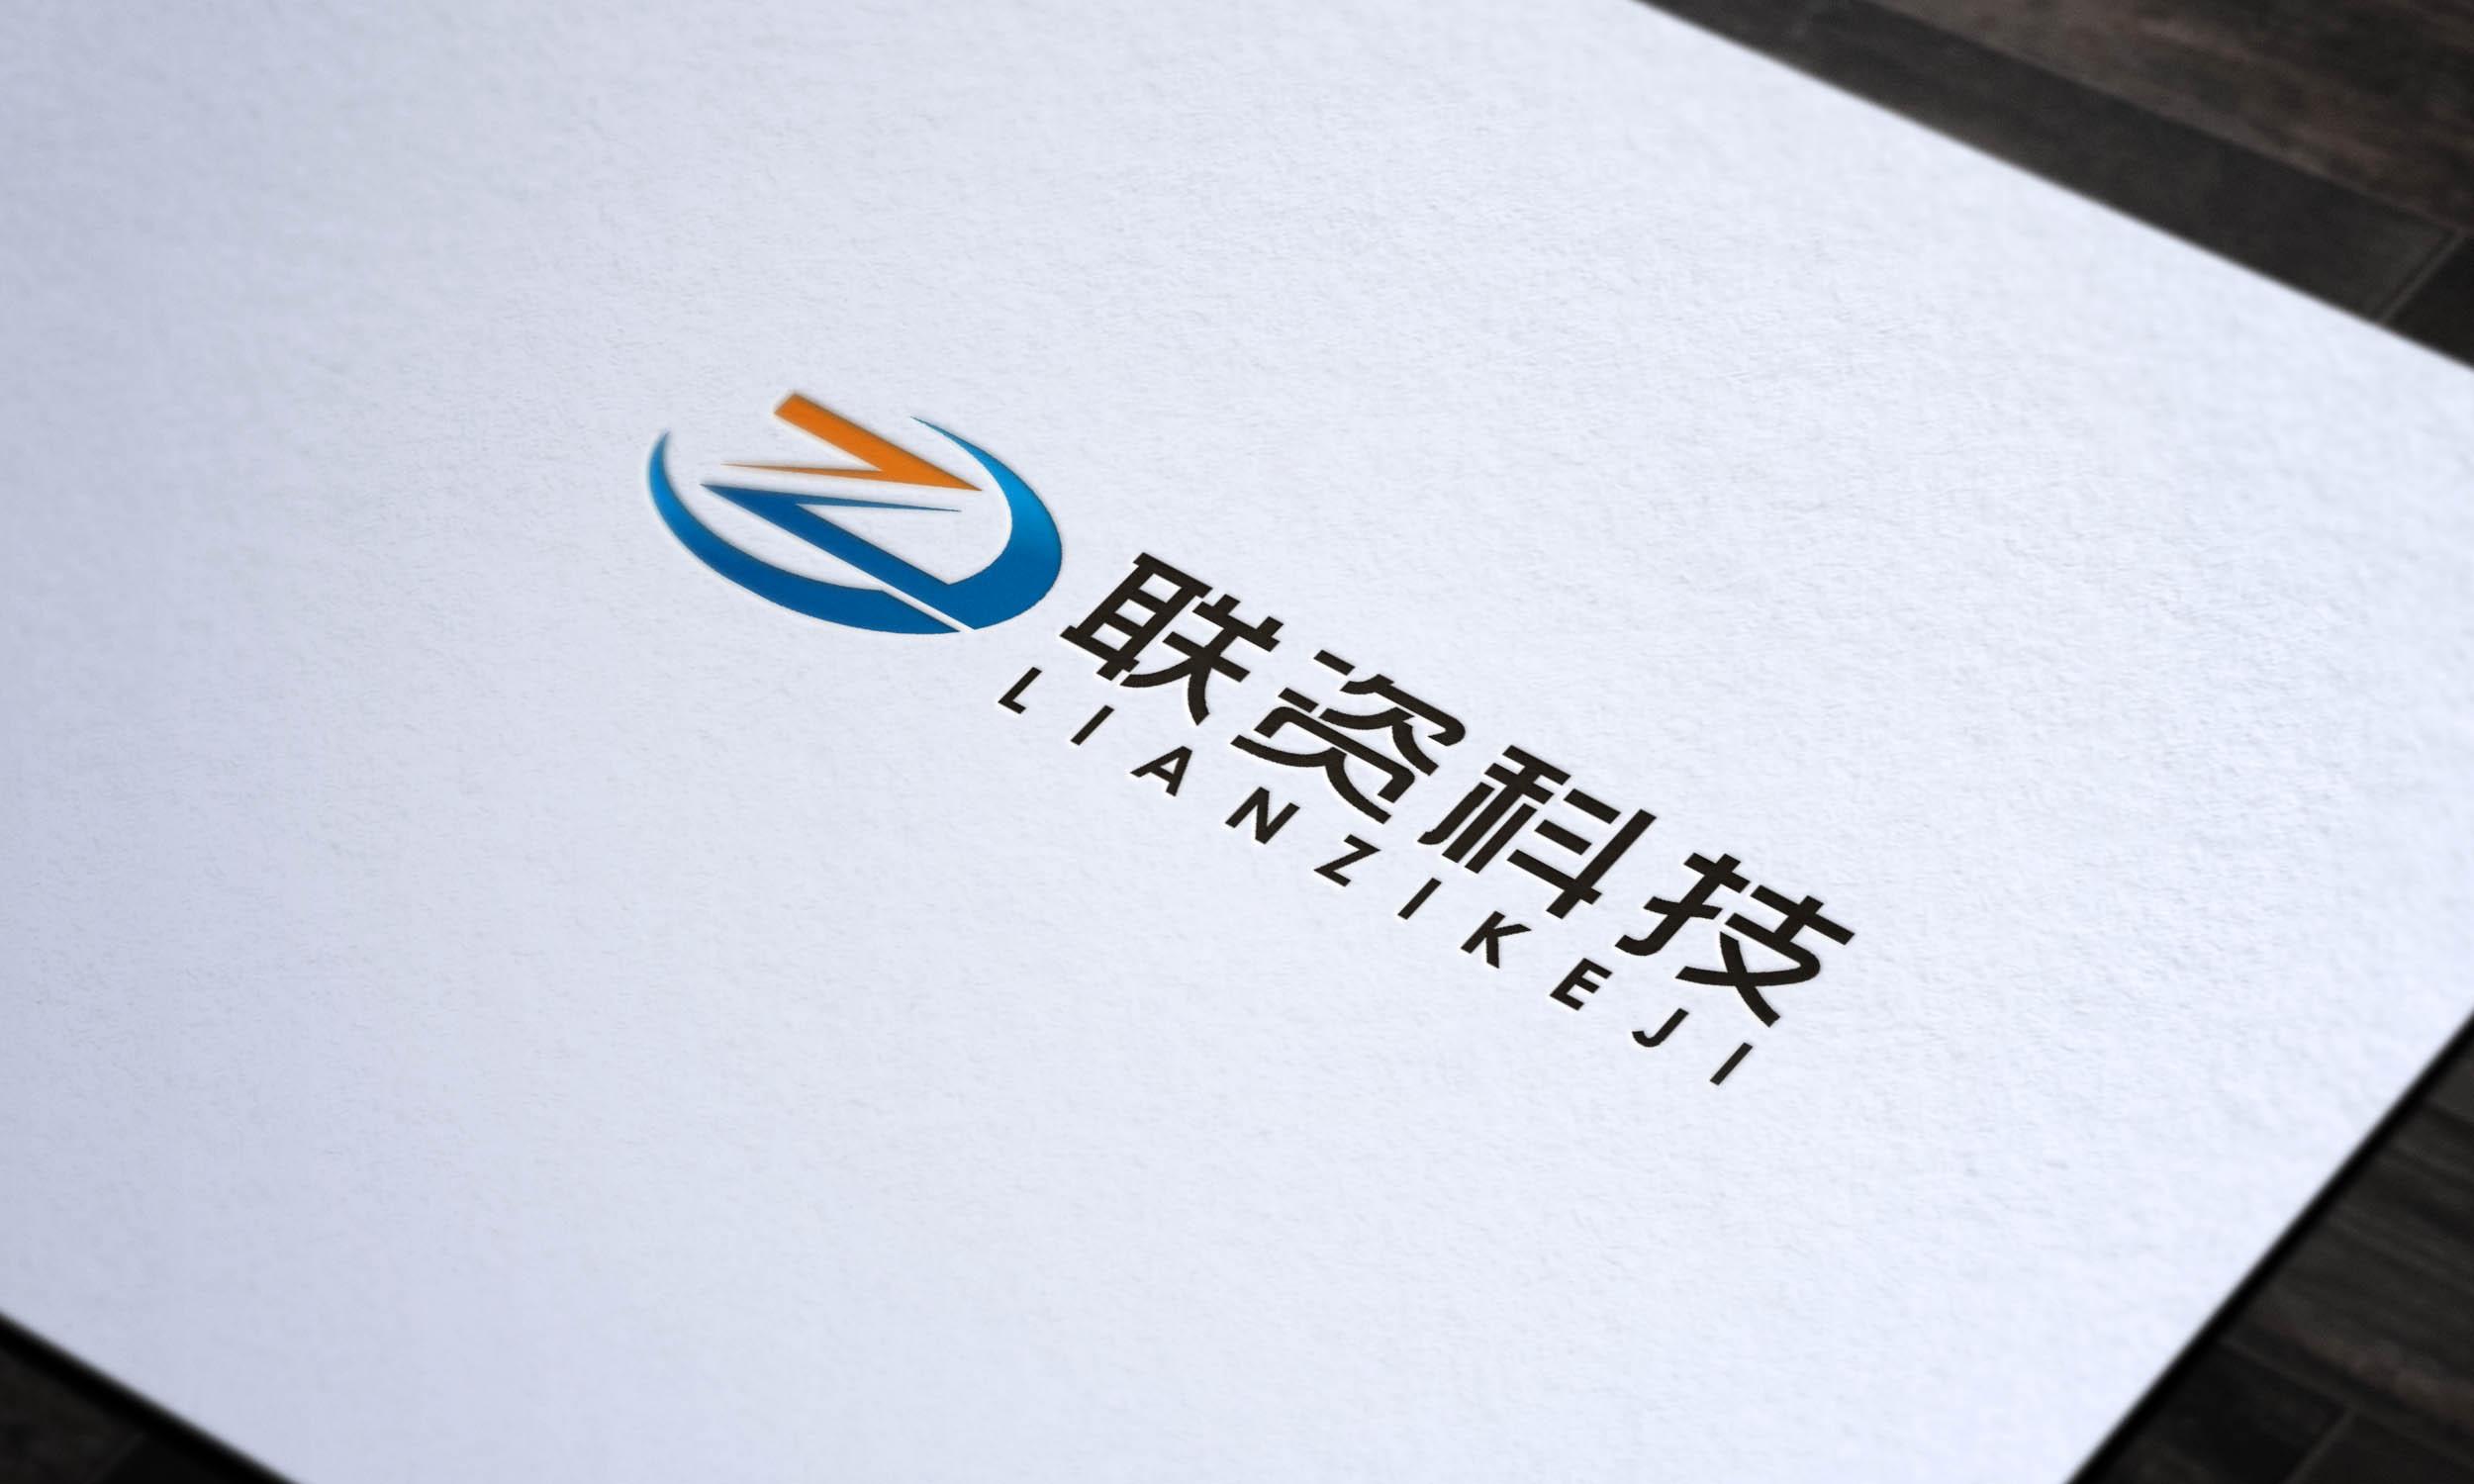 石化行业公司Logo设计_2963402_k68威客网